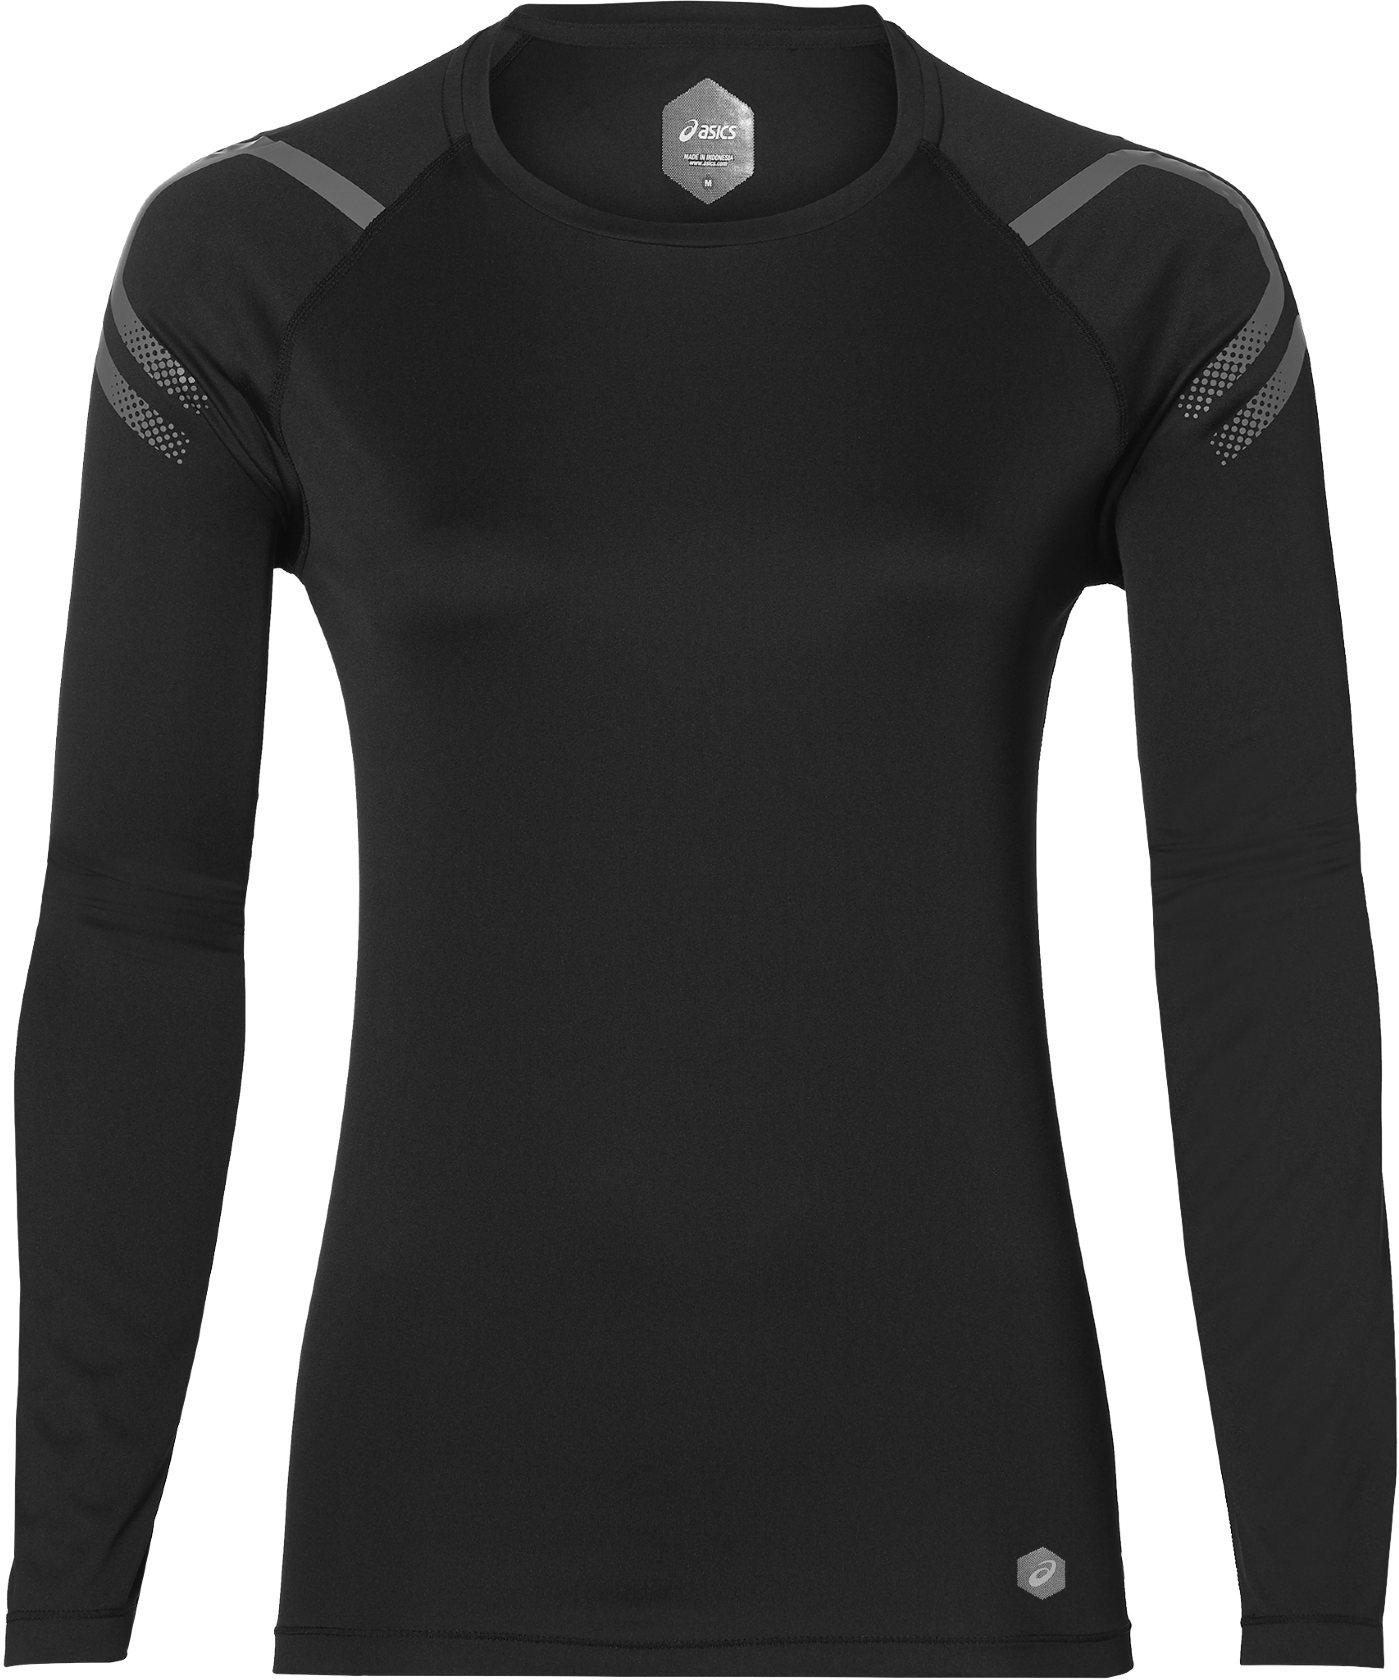 Купить Футболка с длинным рукавом беговая Asics 2018 ICON LS TOP PERFORMANCE BLACK, Одежда для бега и фитнеса, 1394559